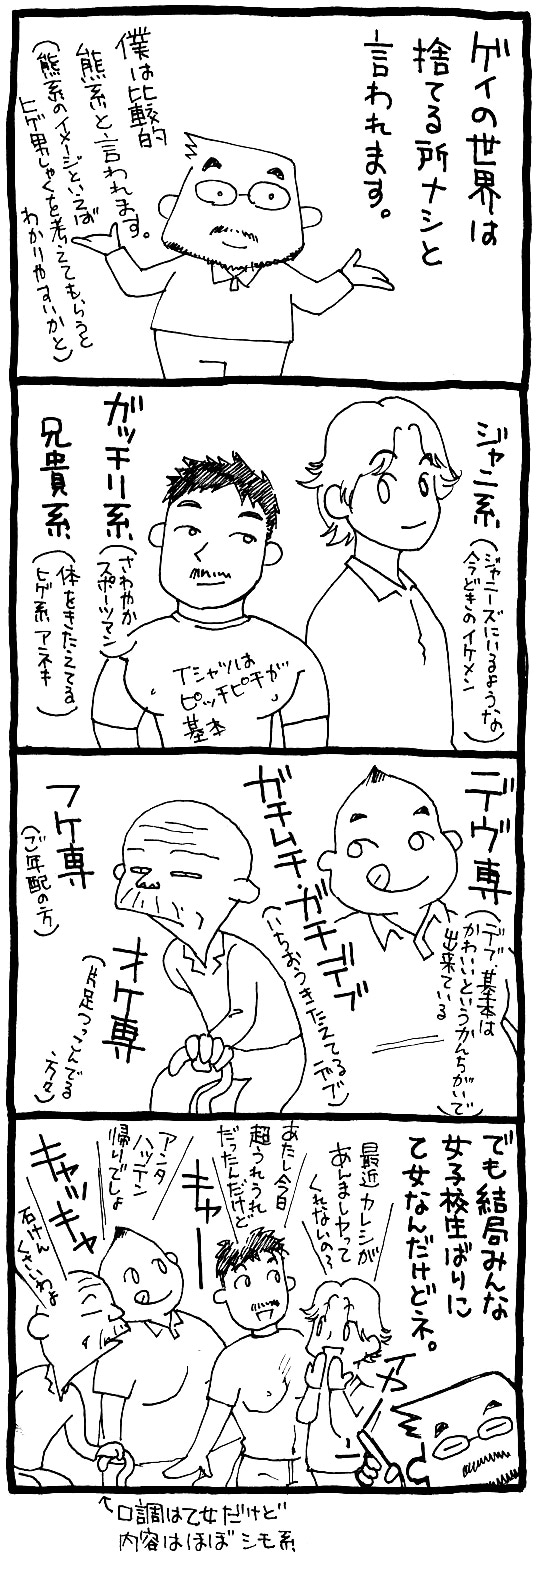 ゲイ 漫画 4コマ